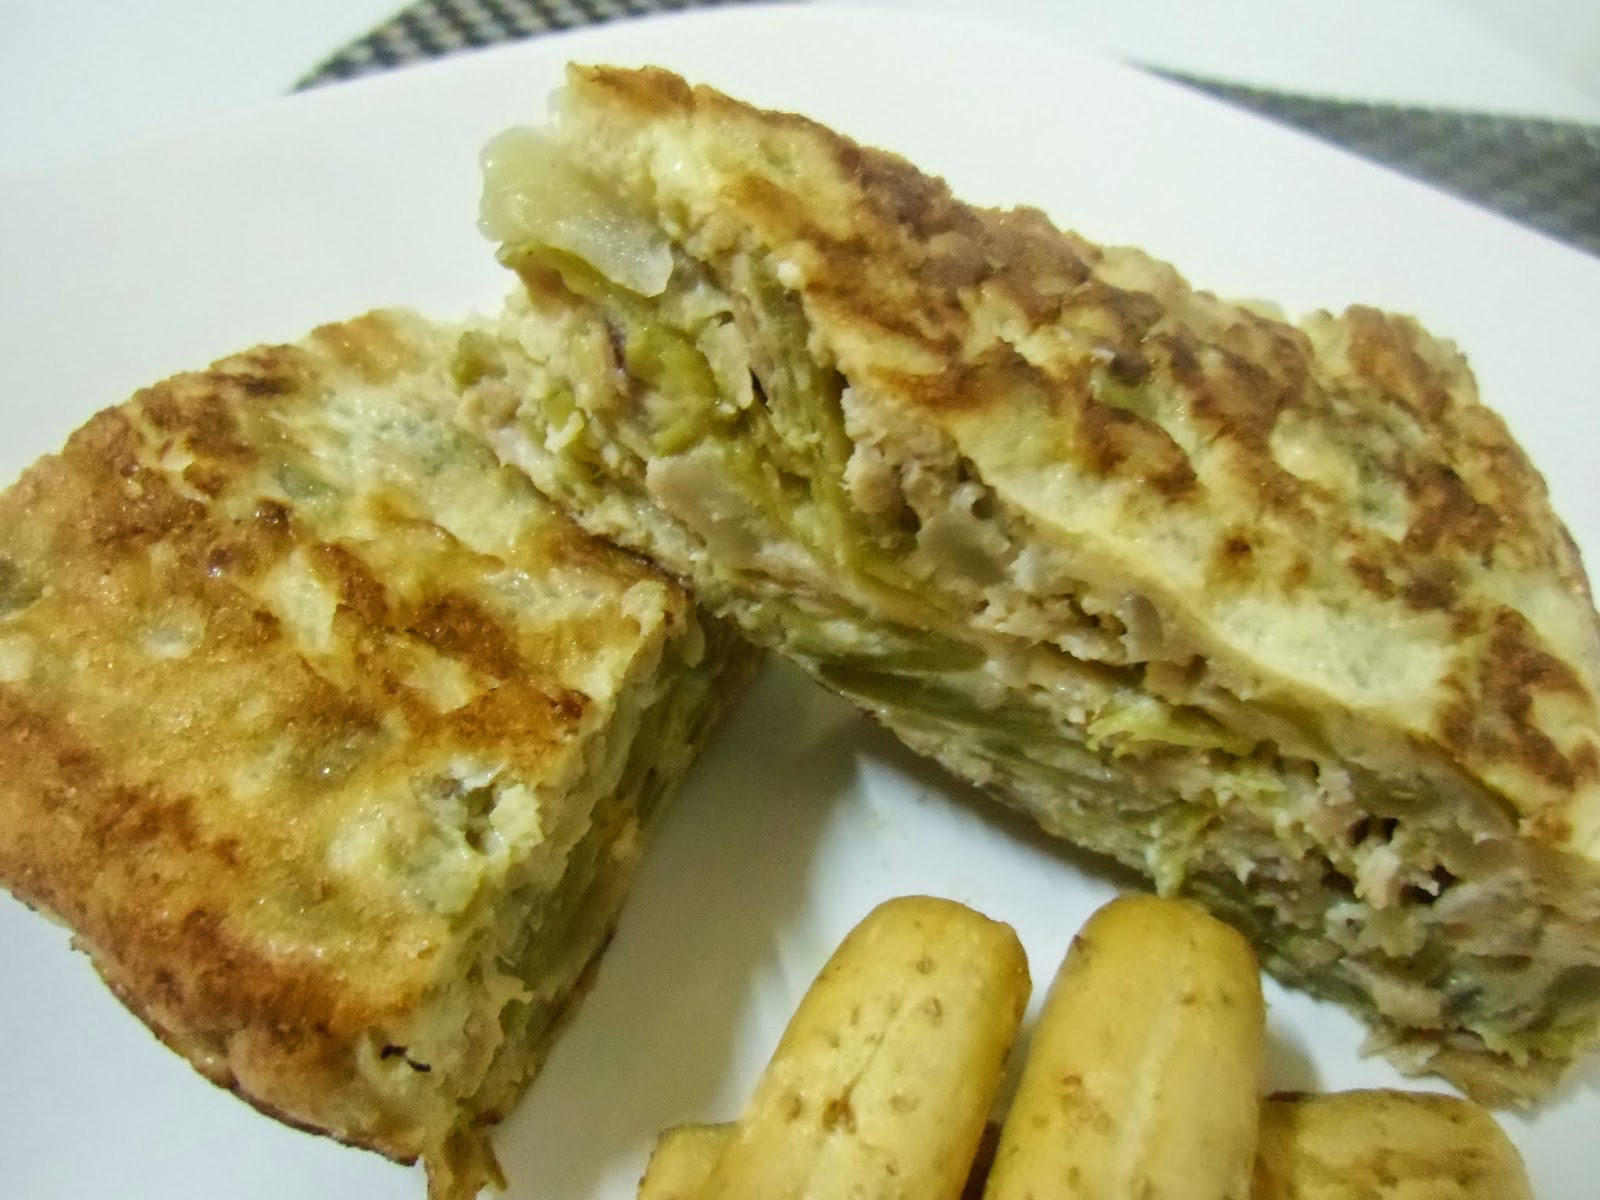 Mi sart n tortilla de jud as verdes y at n - Calorias de las judias verdes ...